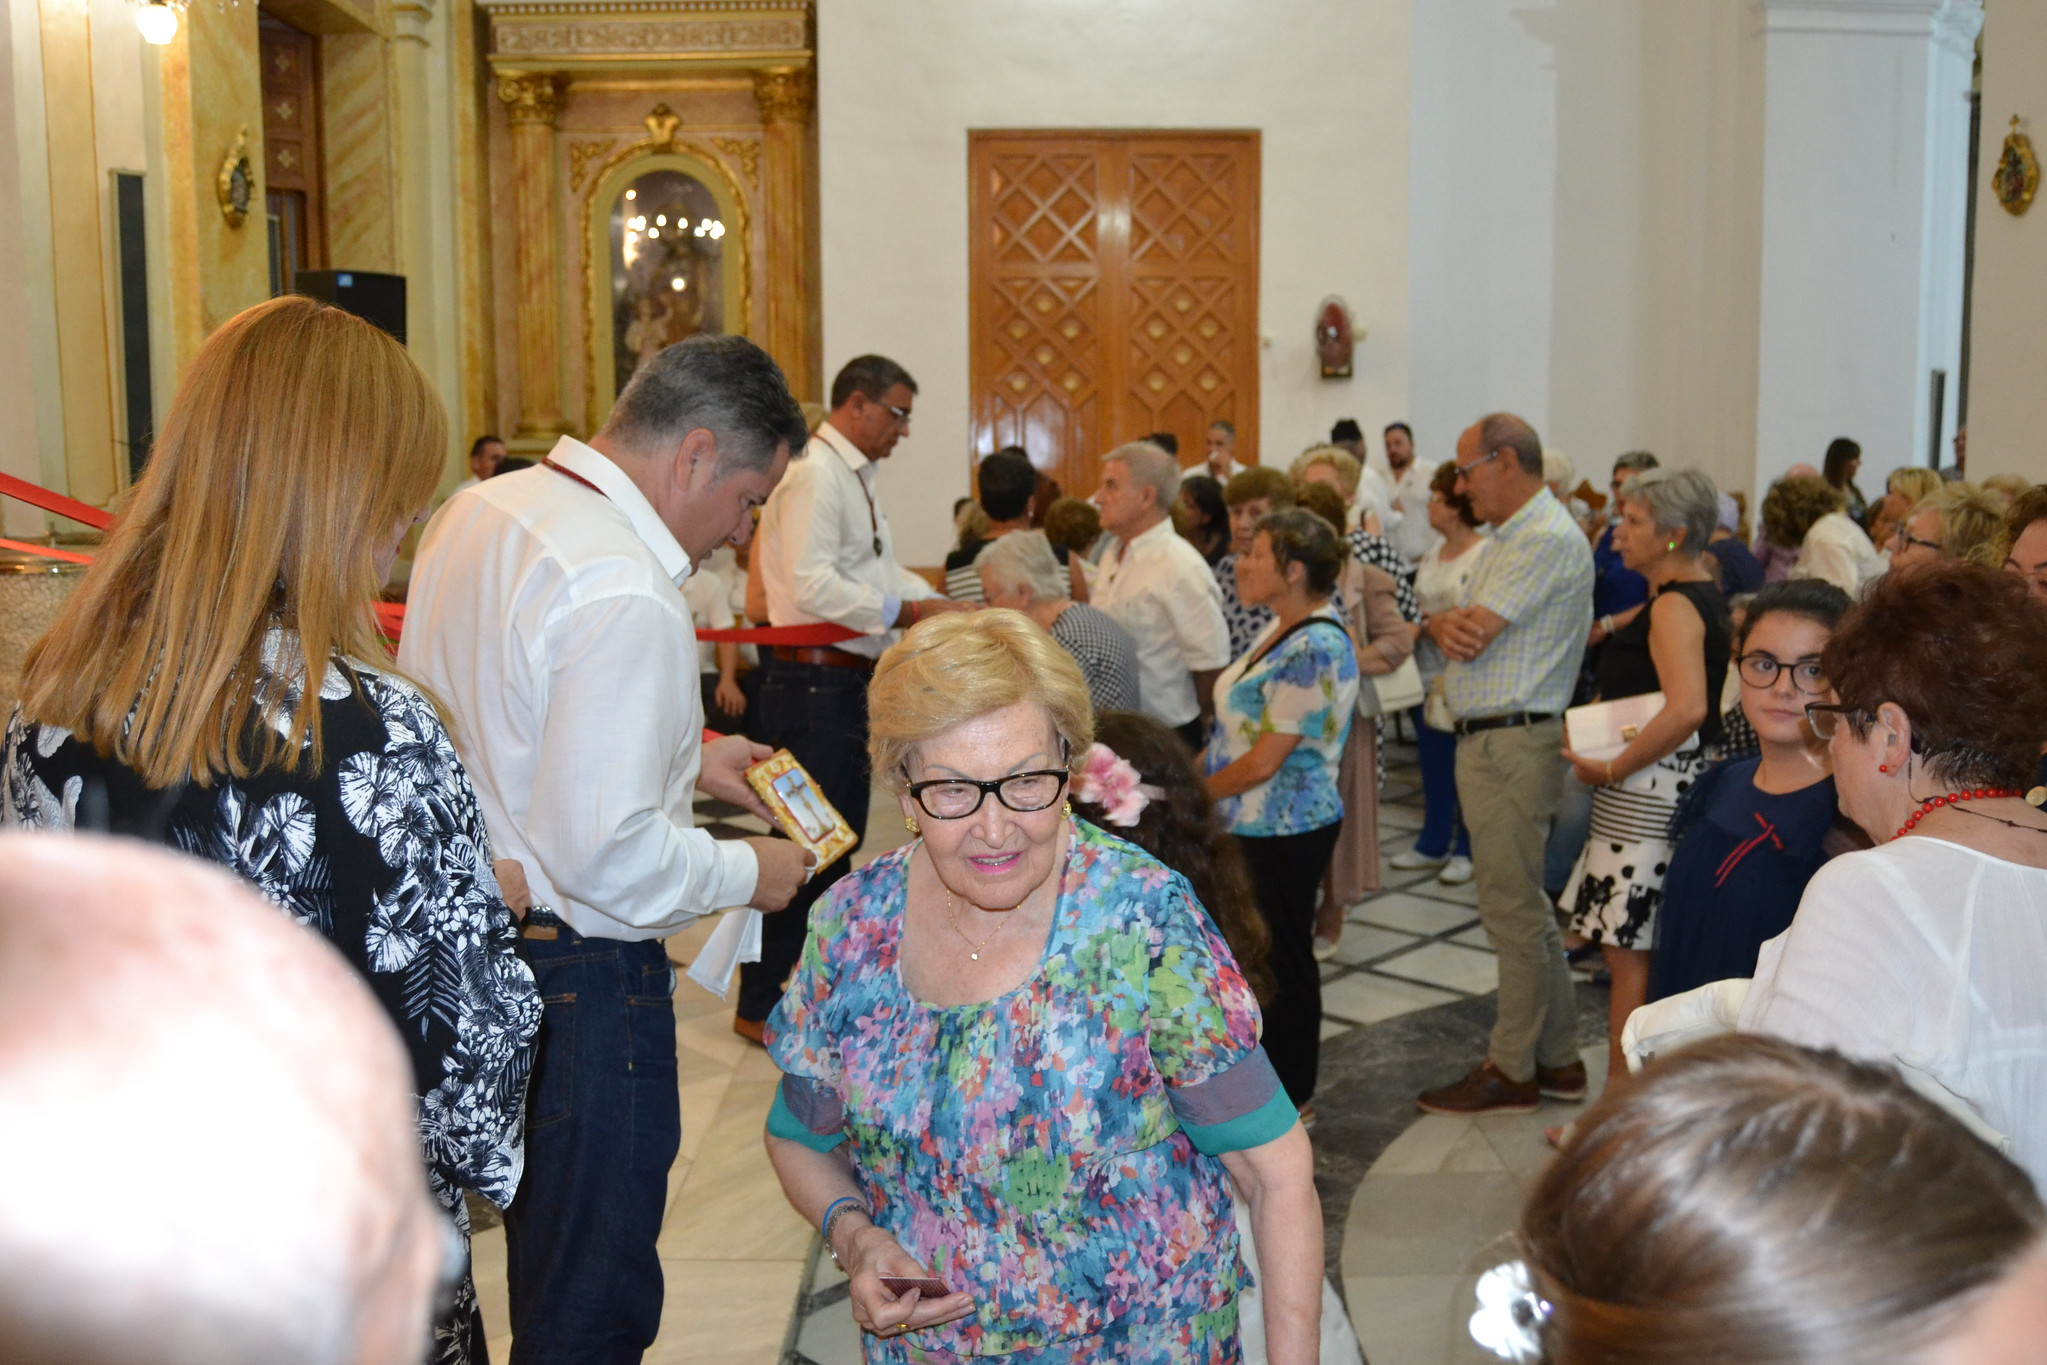 (2019-07-07) Procesión de subida - José Emilio Albujer Lax (09)